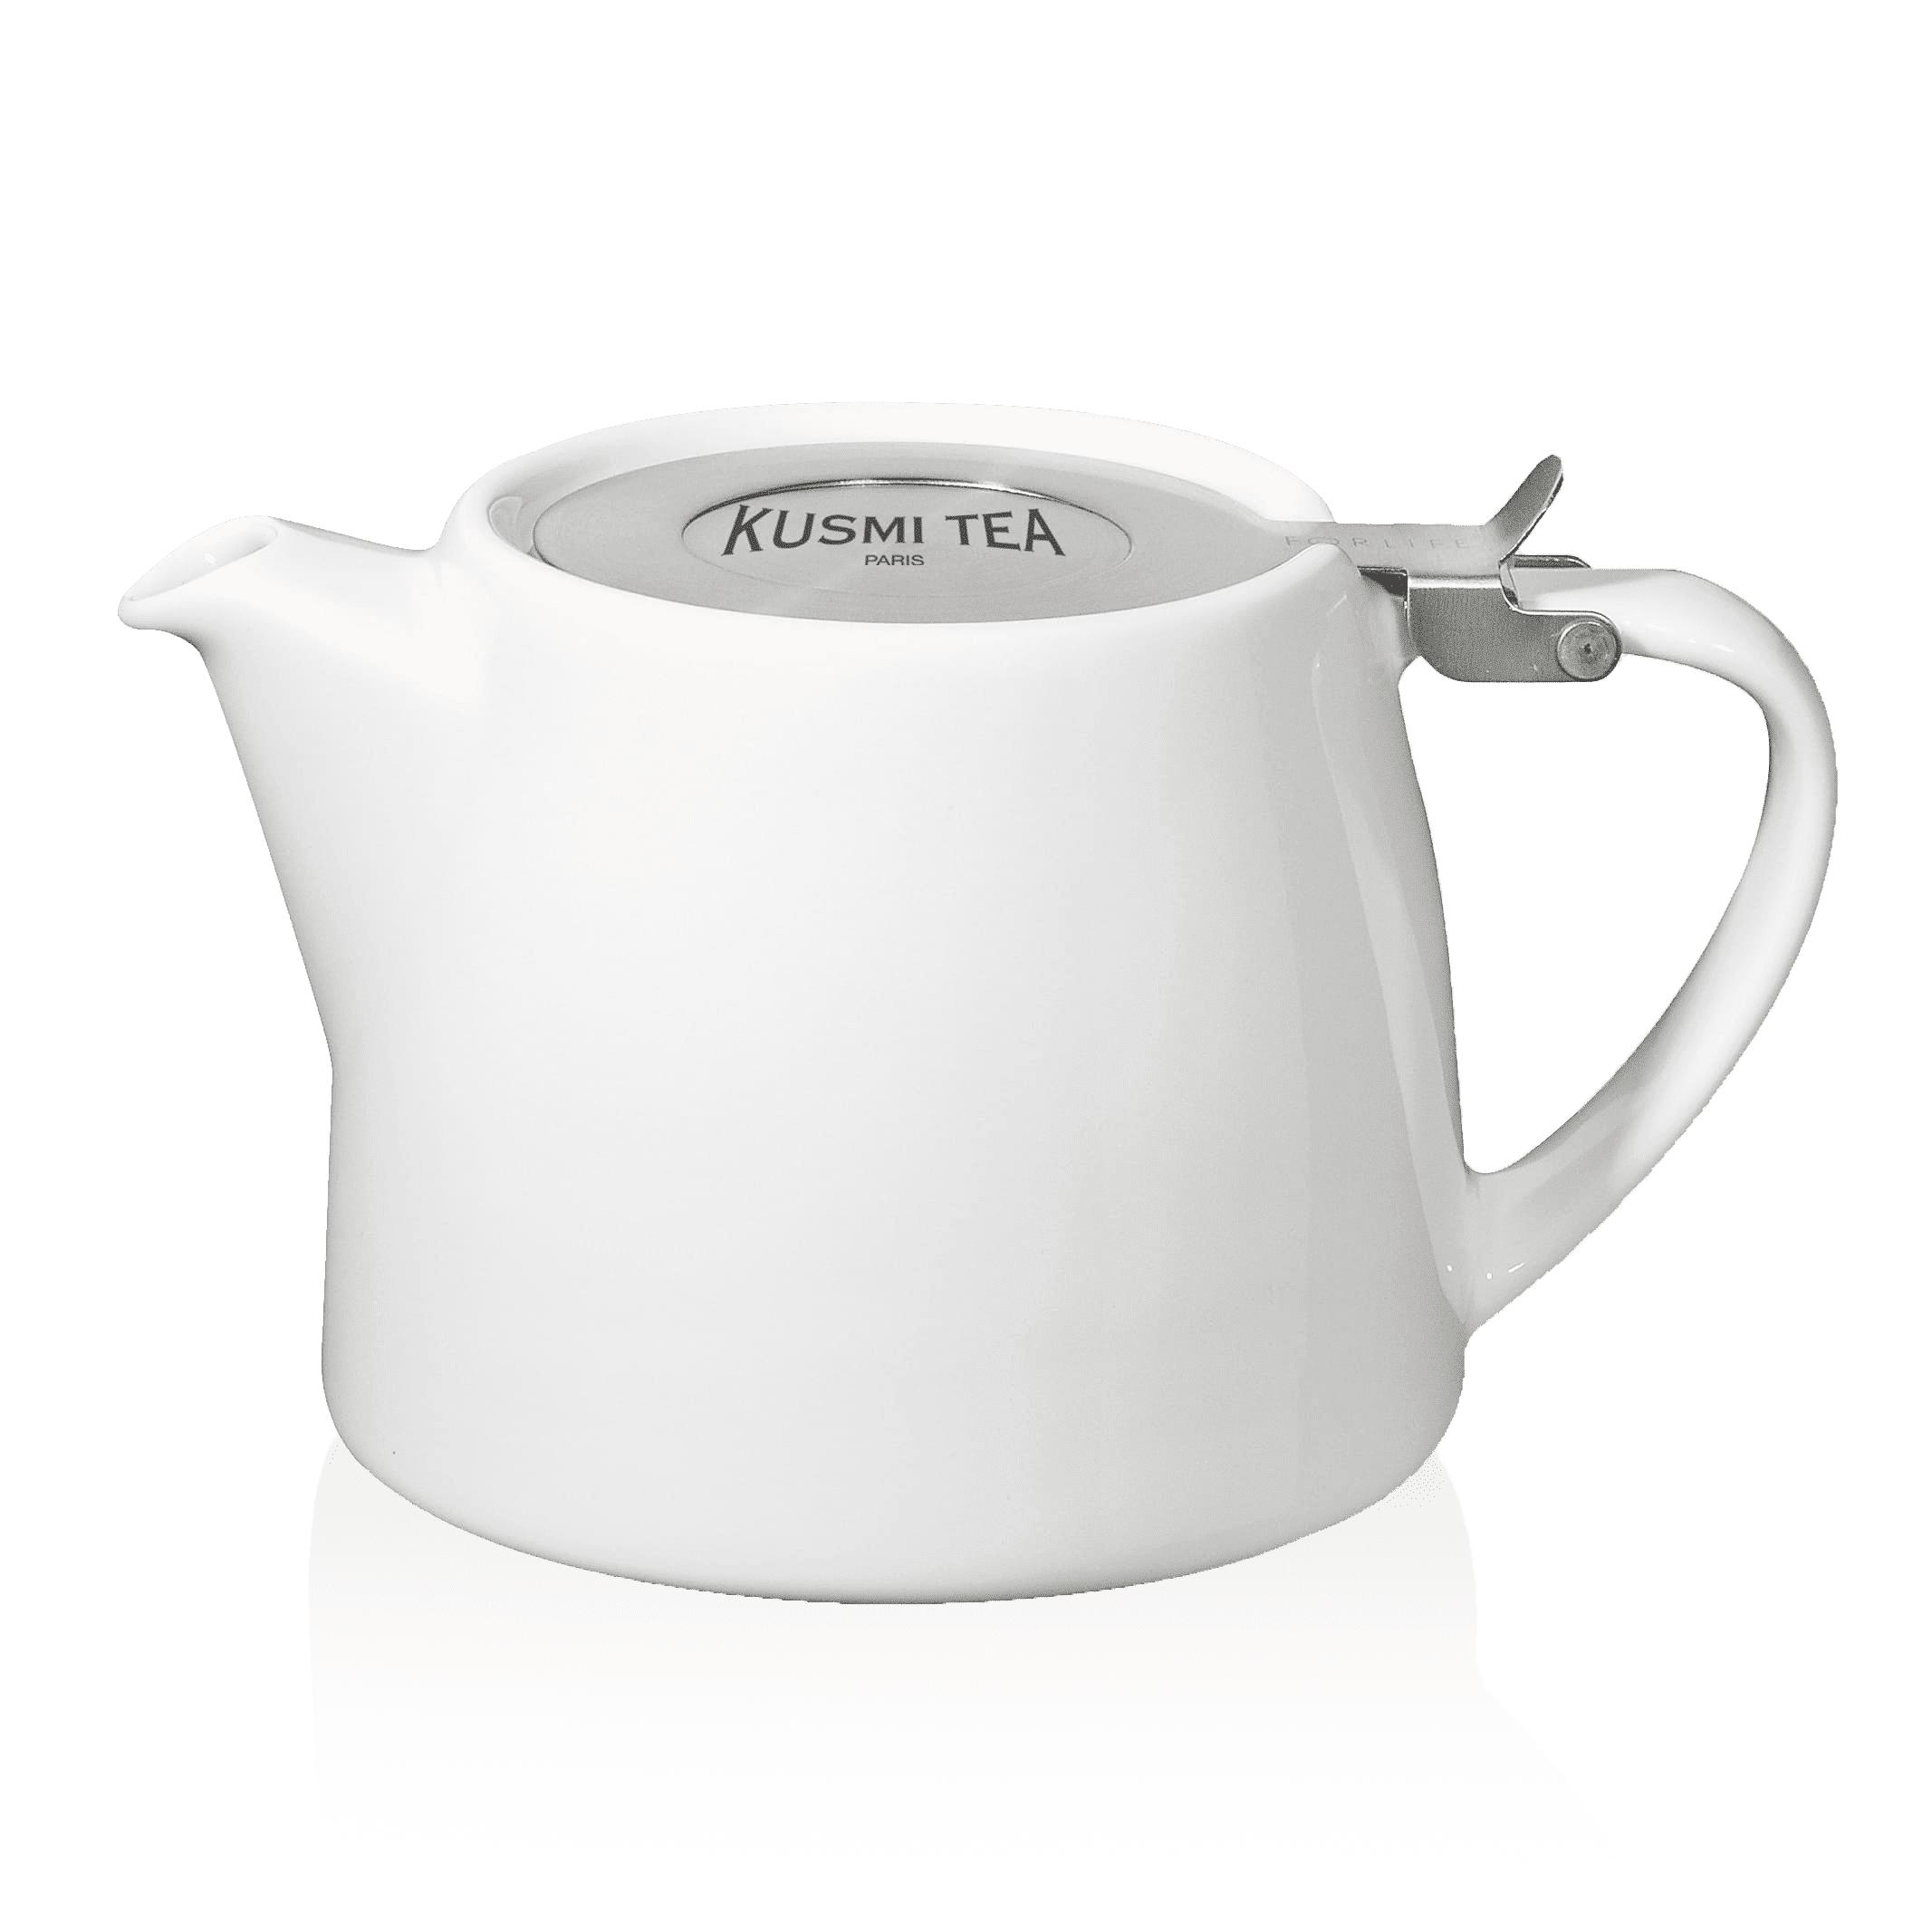 KUSMI TEA Théière Stump Kusmi 0,40L - THÉIÈRE EN PORCELAINE STUMP KUSMI 0,40L (SANS FILTRE) - Kusmi Tea